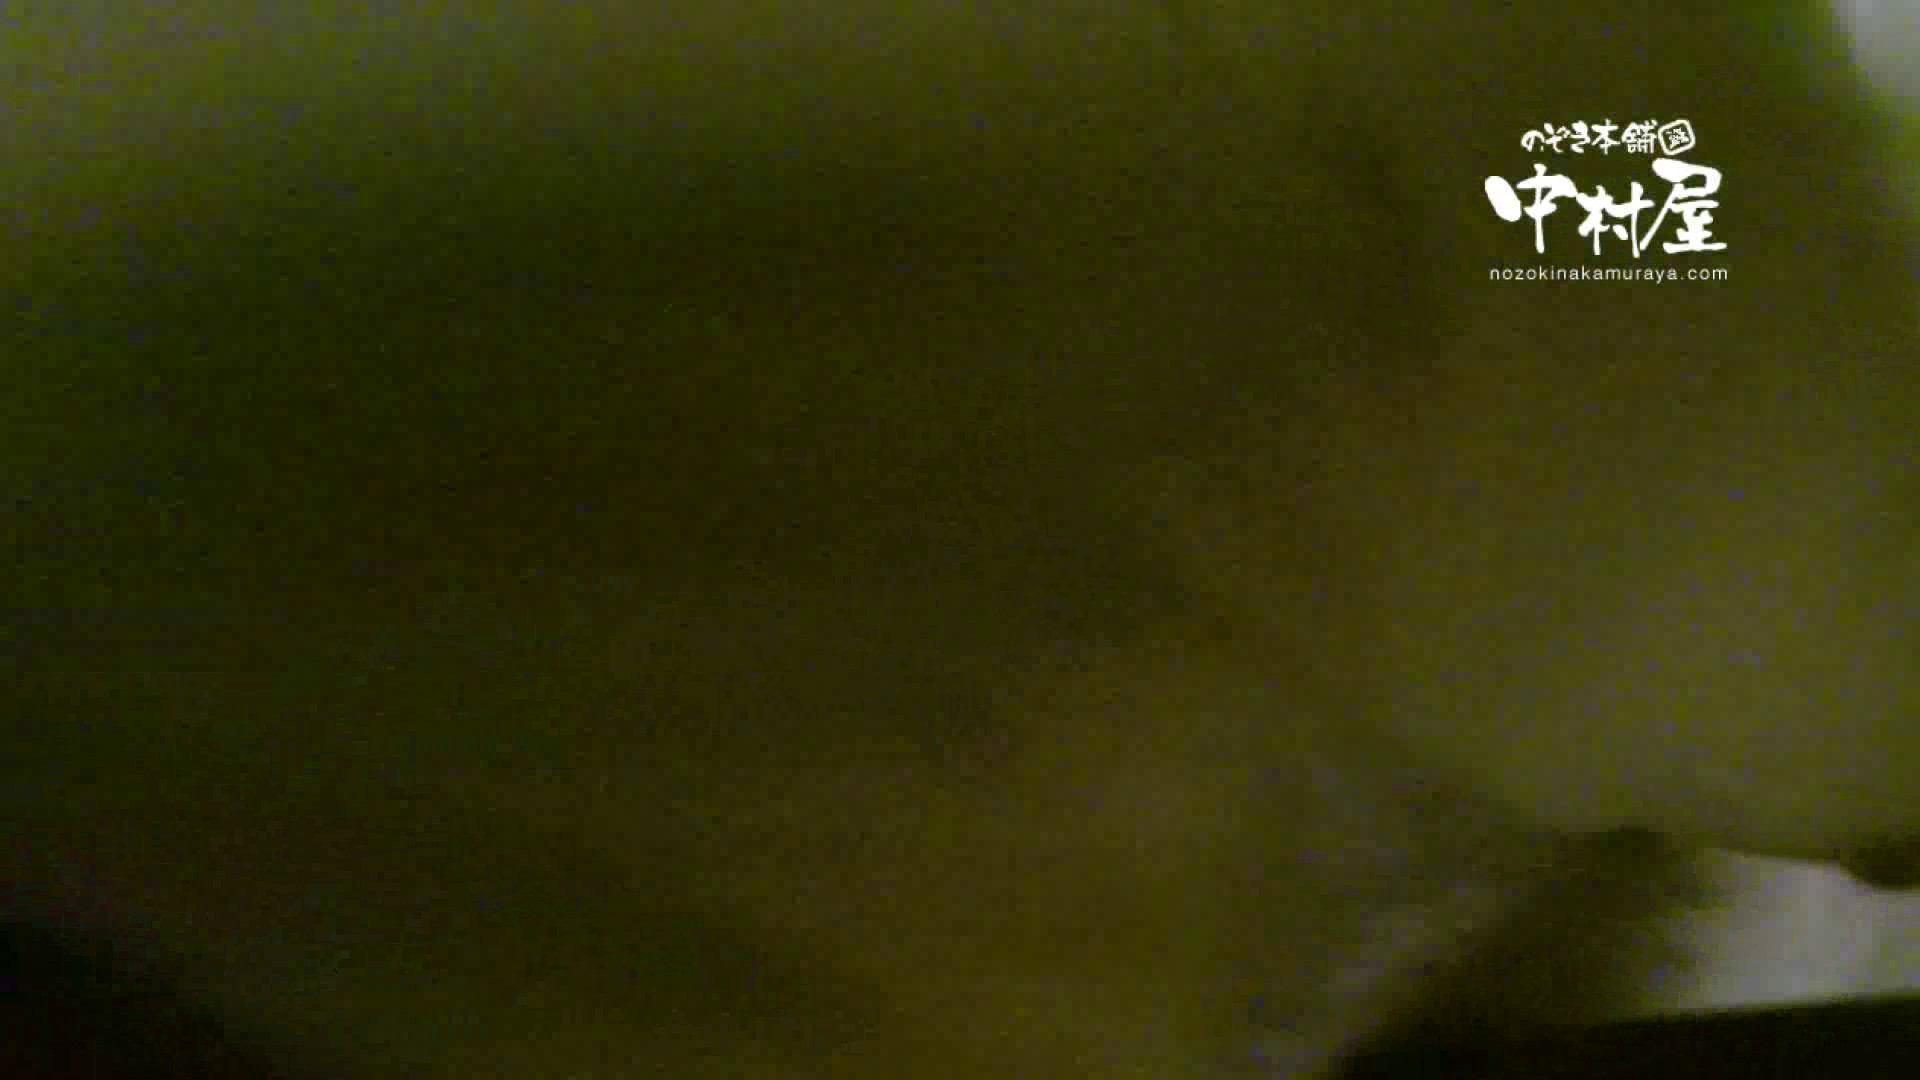 鬼畜 vol.17 中に出さないでください(アニメ声で懇願) 後編 美しいOLの裸体  69pic 54